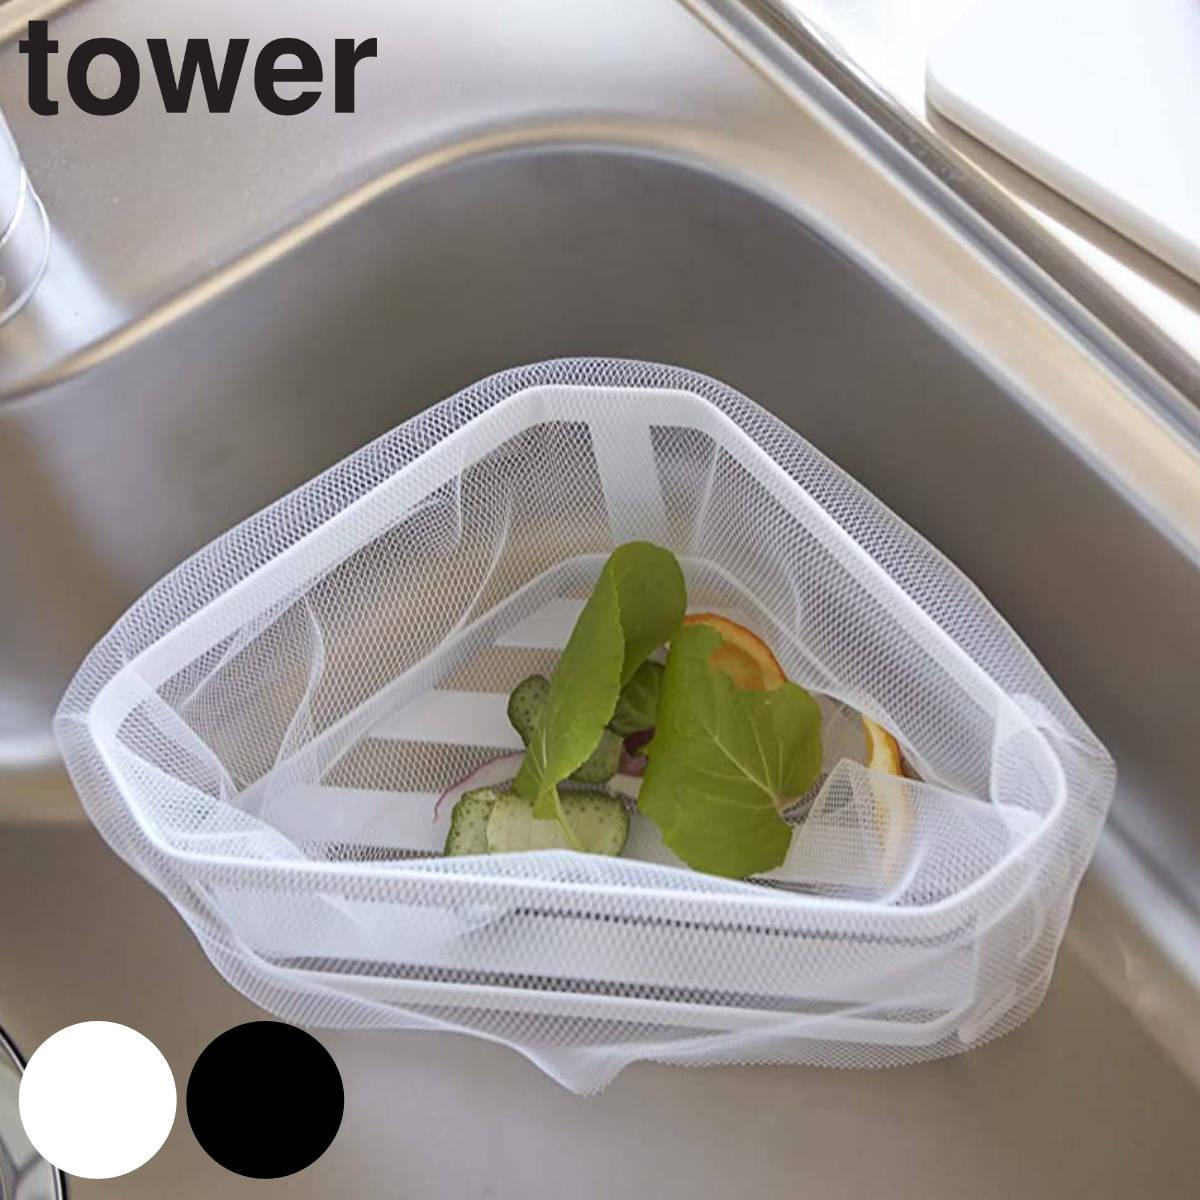 三角コーナーコーナーダストポケットタワーtowerシンクコーナー用スチール製(三角コーナーラックキッ